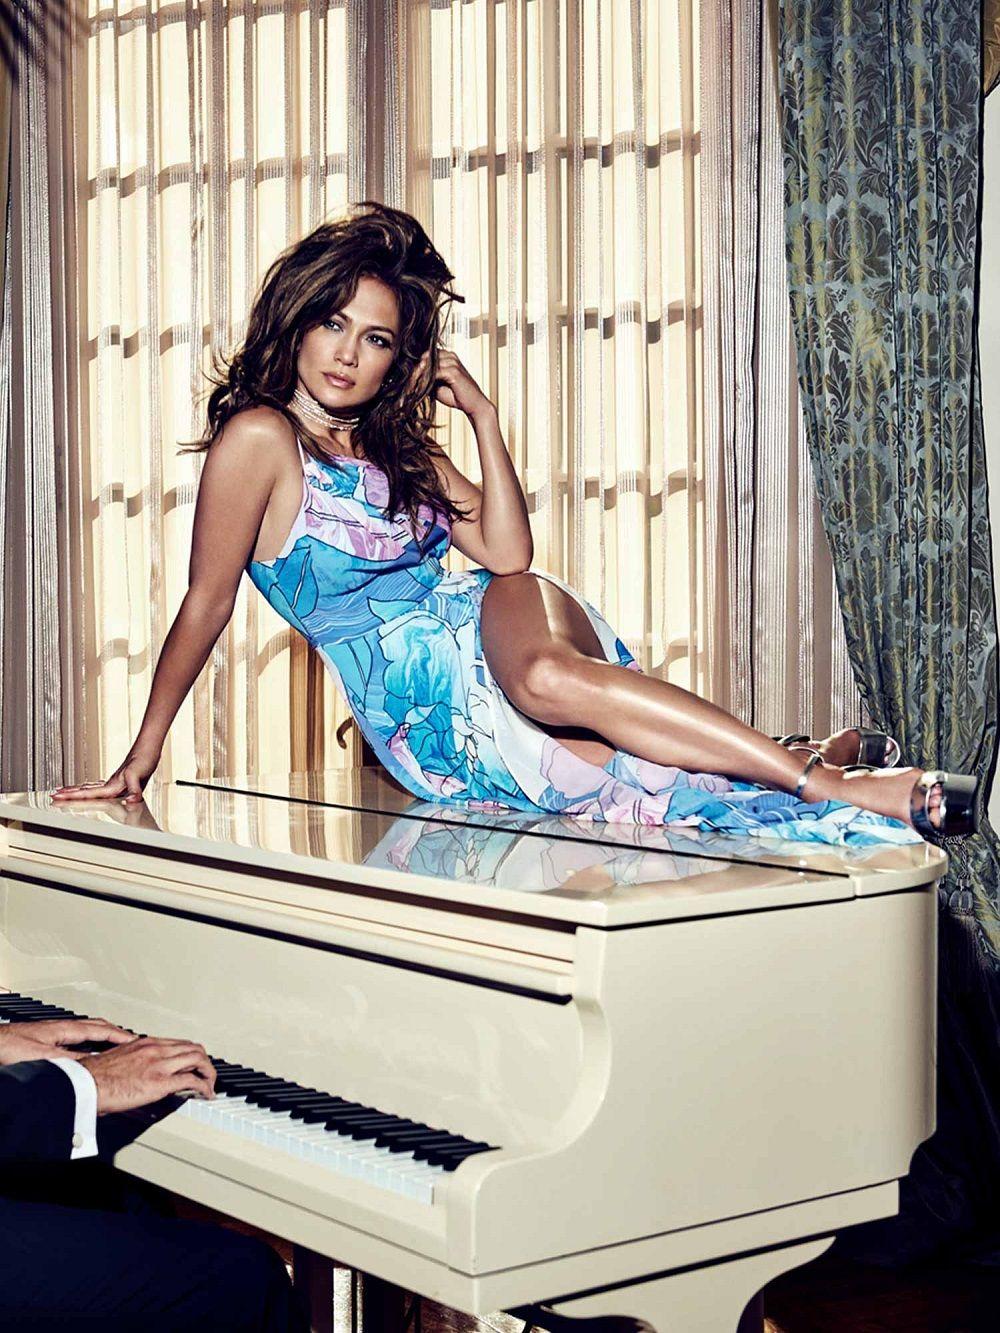 ROBE LONGUE FLEURS MARCIANO Jennifer Lopez Guess pas cher prix Robe femme  Guess 199.00 € TTC 33dabc66c4ac